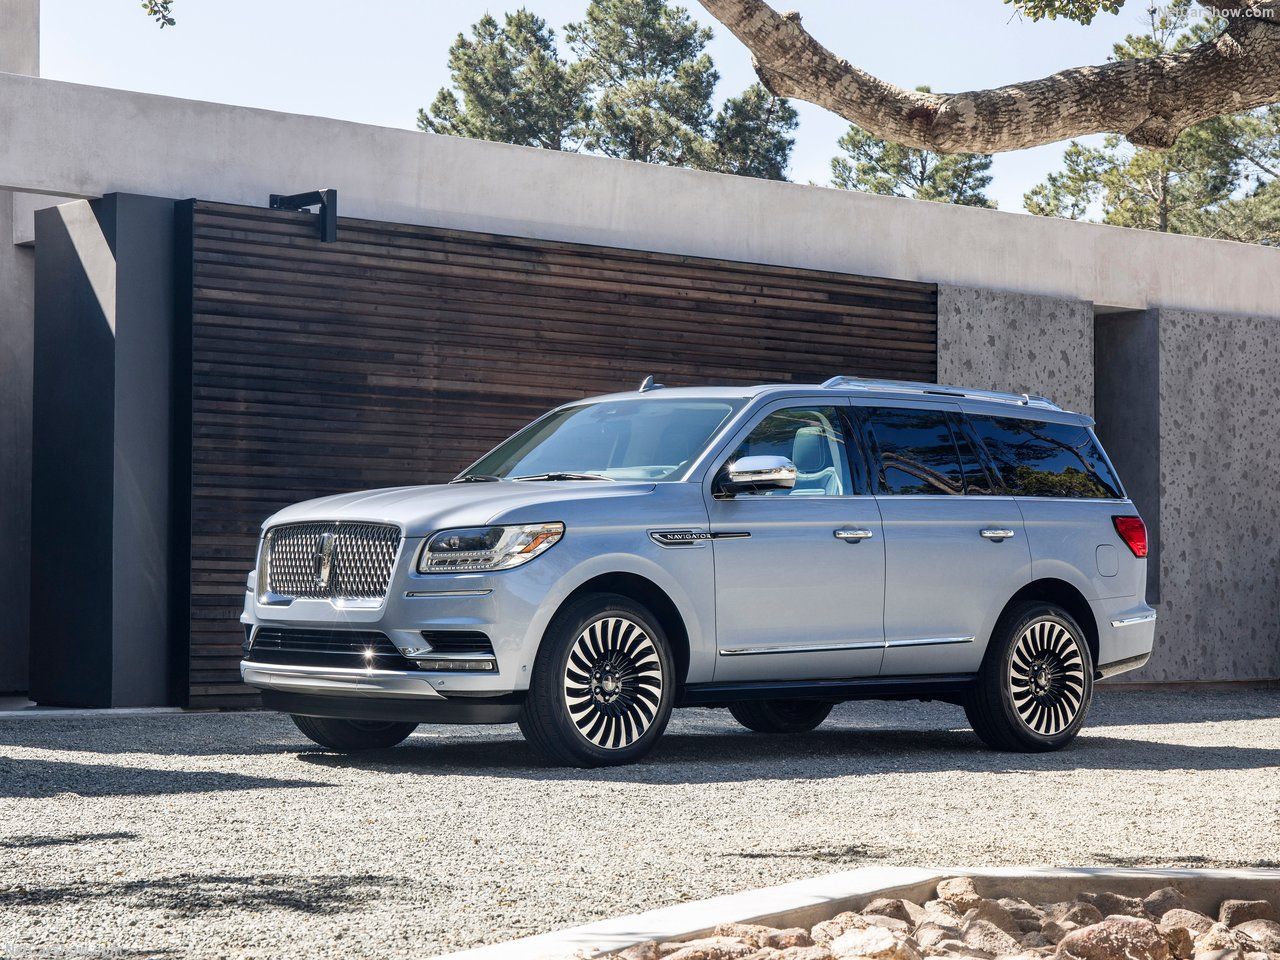 Lincoln-Navigator-2018-1280-02.jpg